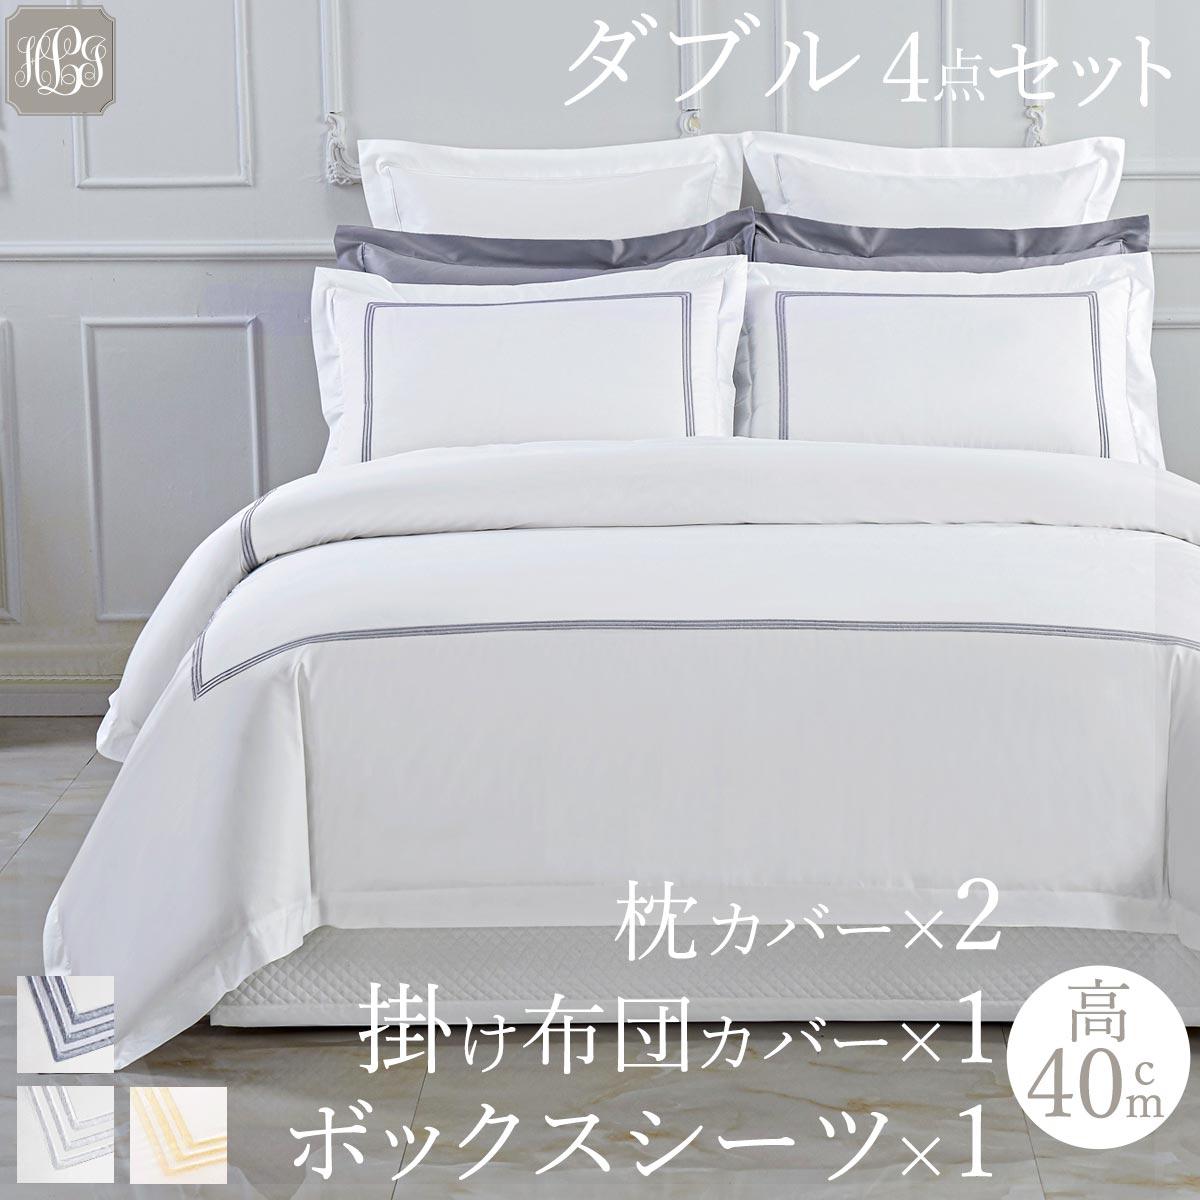 【刺繍不可】ダブル   ボックスシーツ1枚   掛け布団カバー1枚   包み型スタンダード枕カバー2枚  400TC トリコロール